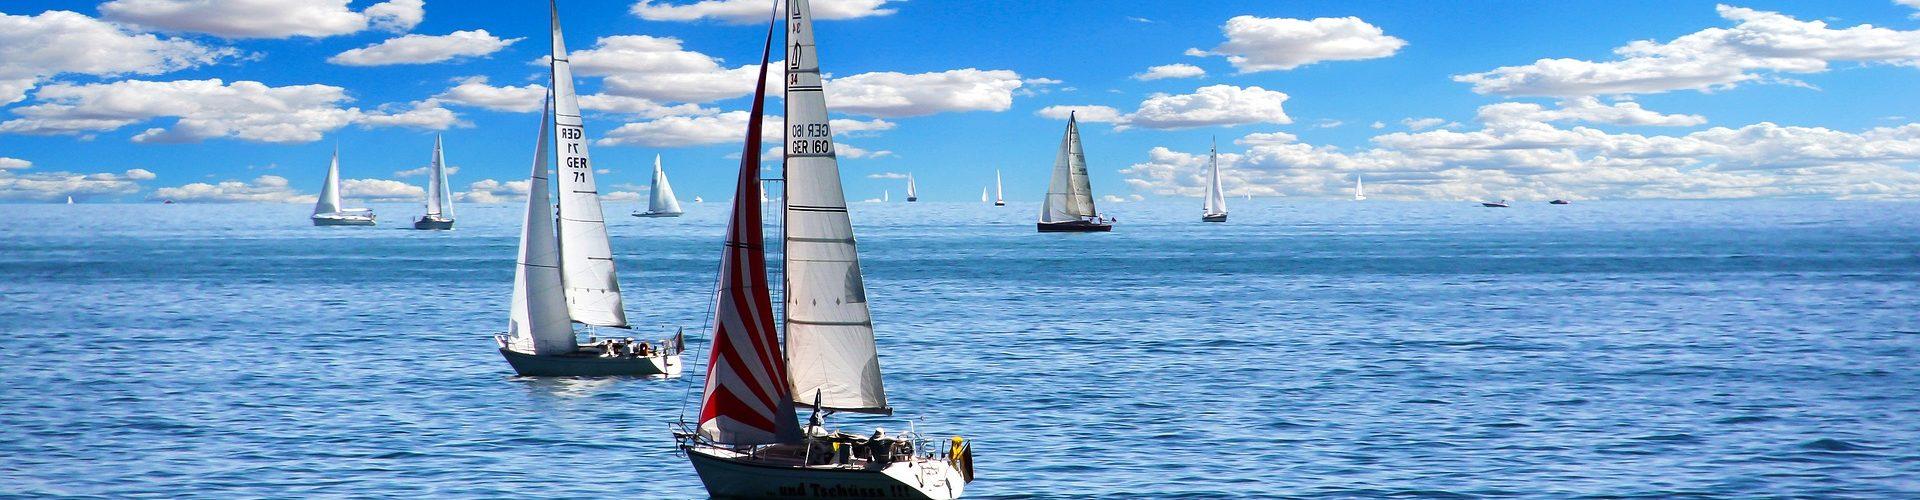 segeln lernen in Schwetzingen segelschein machen in Schwetzingen 1920x500 - Segeln lernen in Schwetzingen